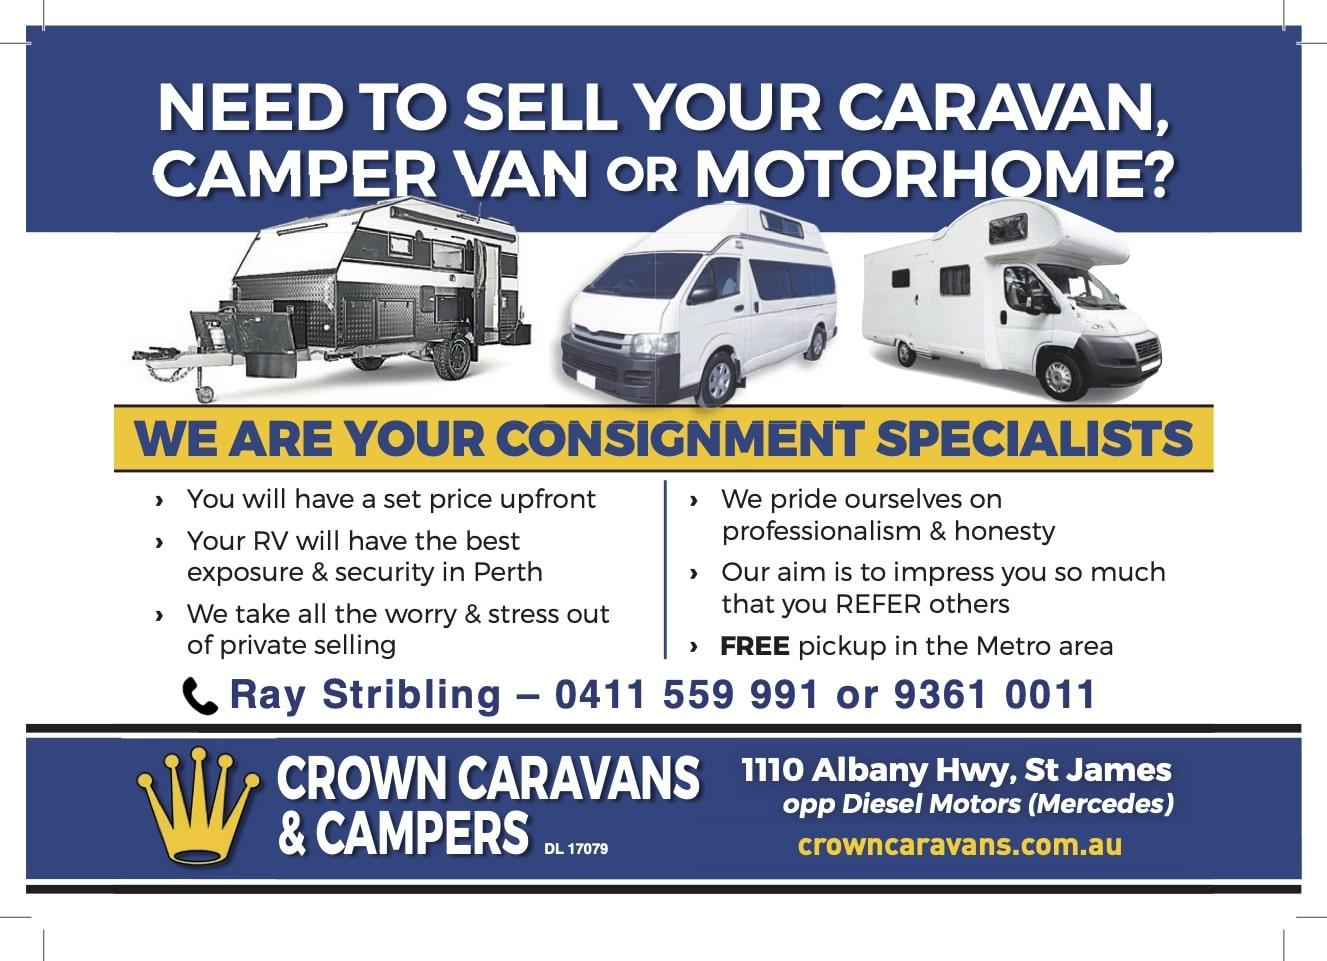 http://nbbc.com.au/wp-content/uploads/2021/09/Crown-Motors-A5-Flyer-7499.jpg